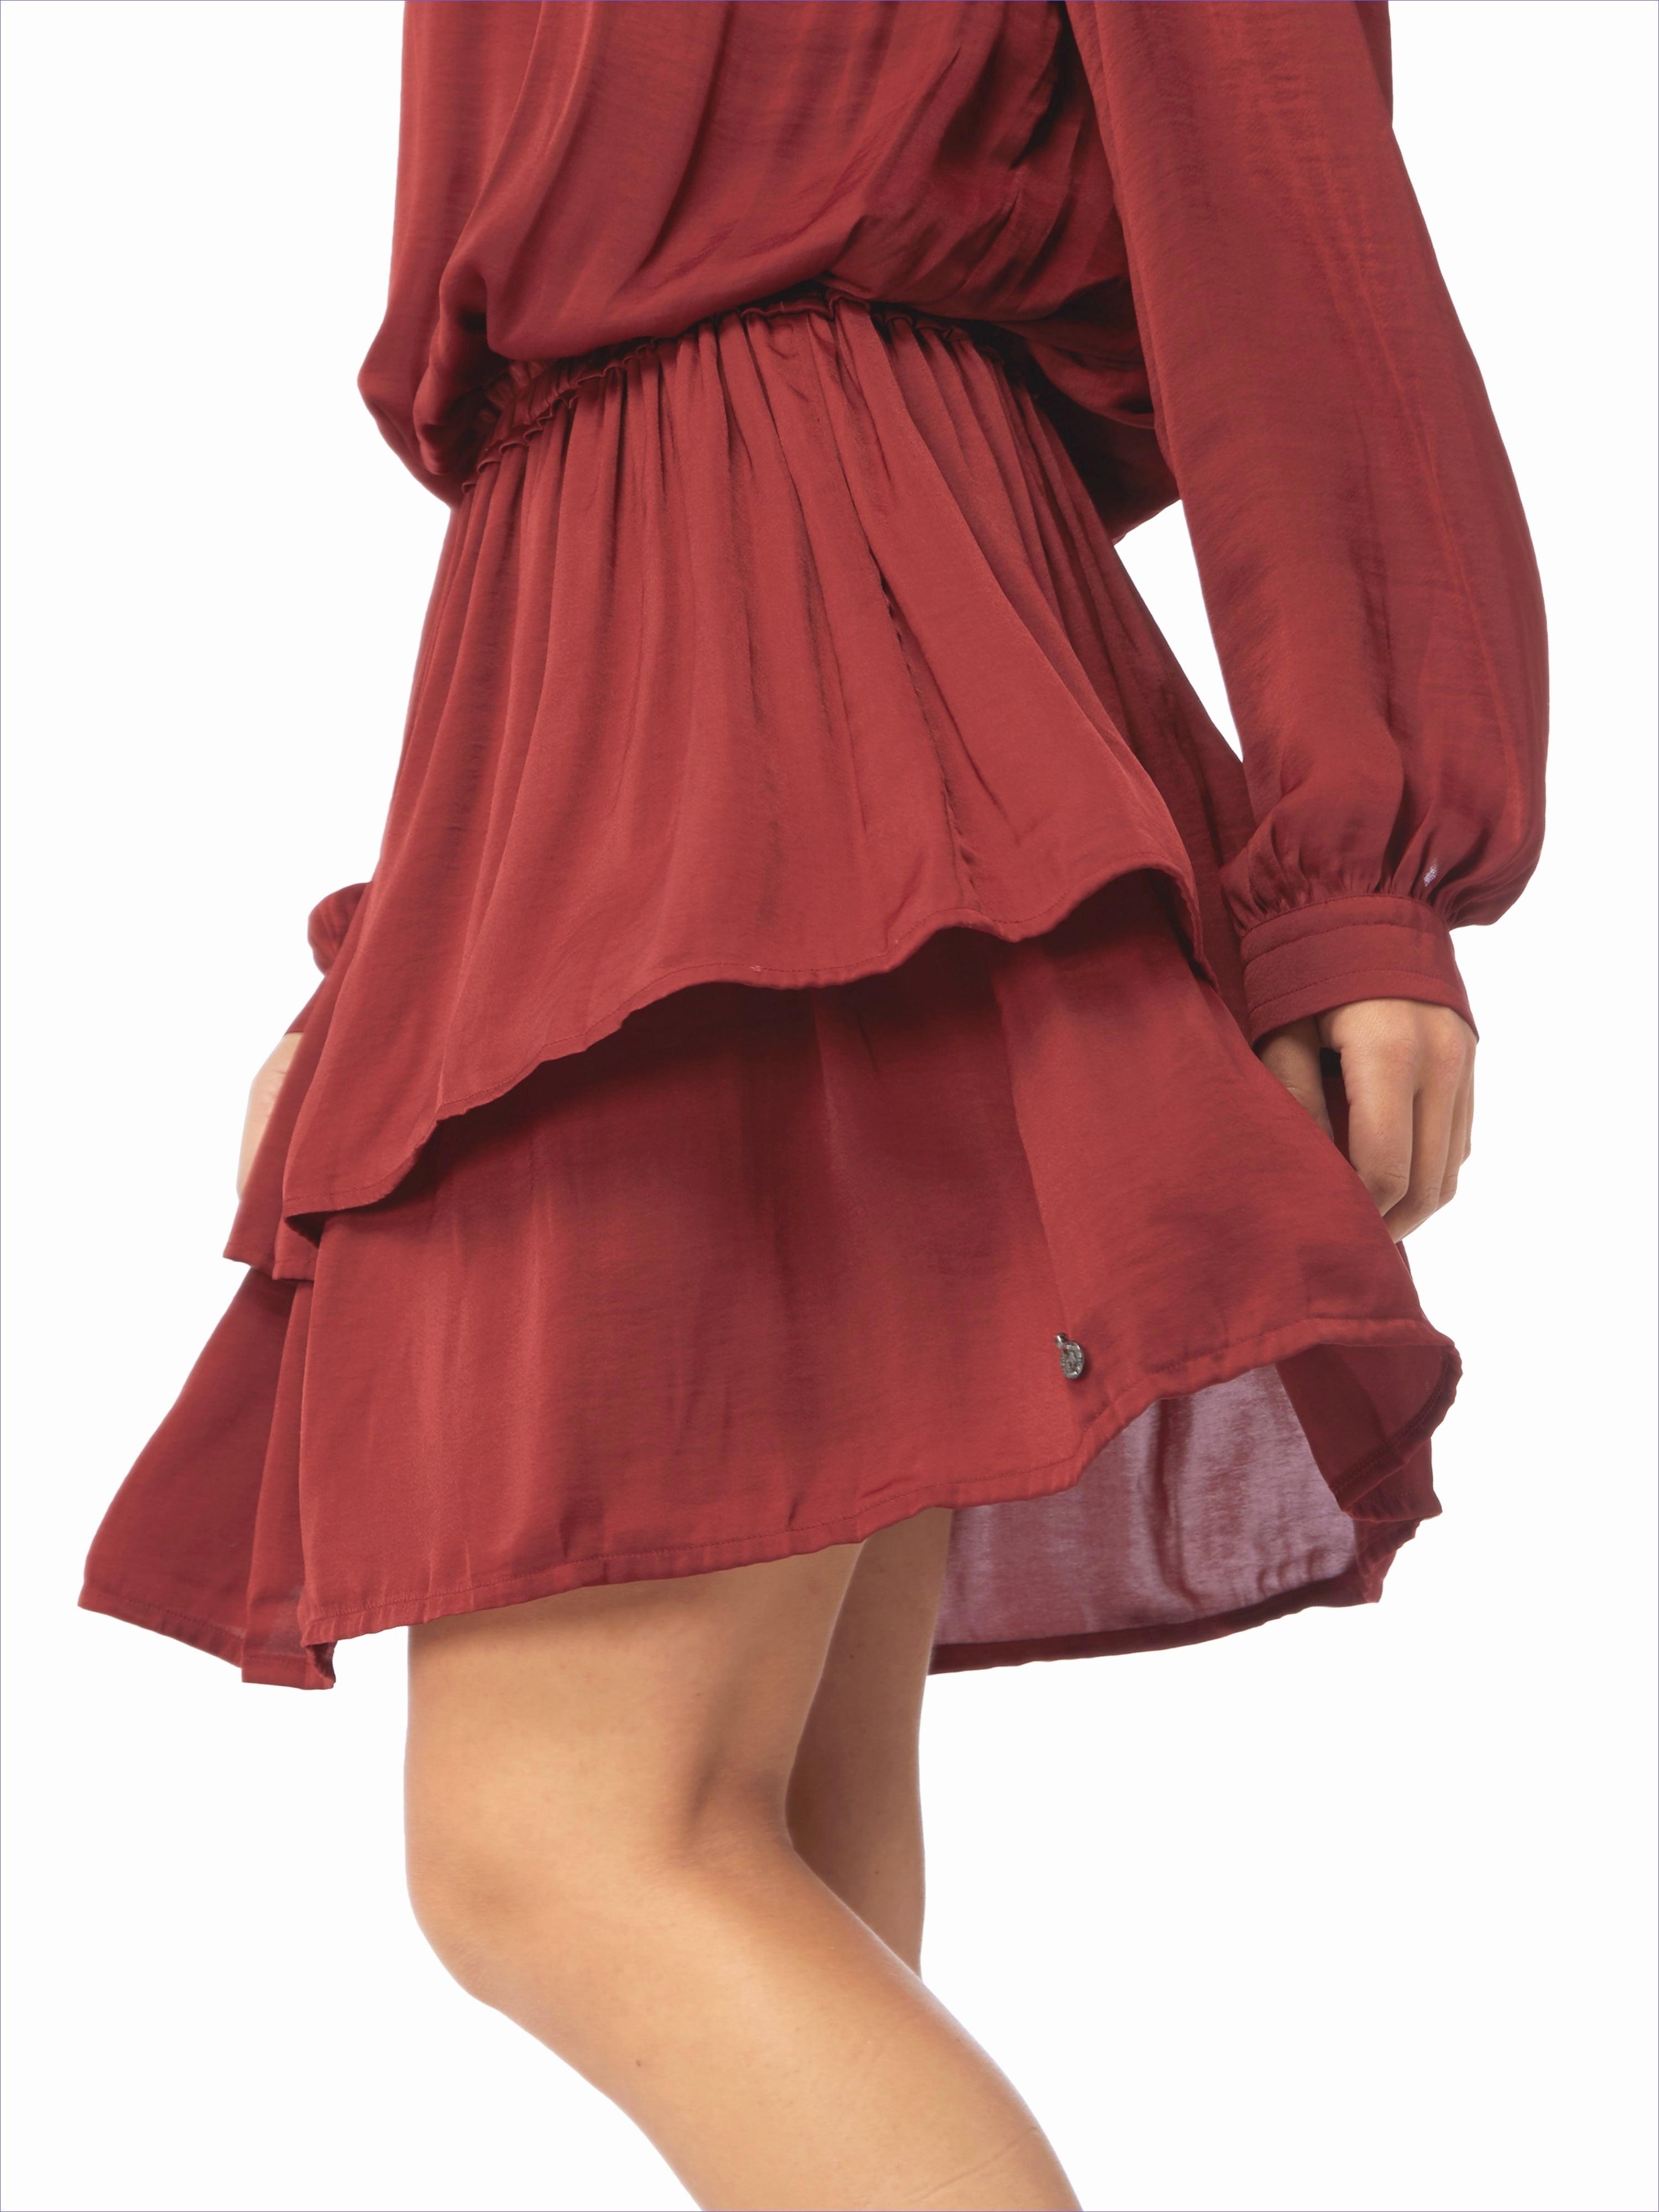 20 Genial Rotes Enges Kleid SpezialgebietFormal Luxurius Rotes Enges Kleid Vertrieb